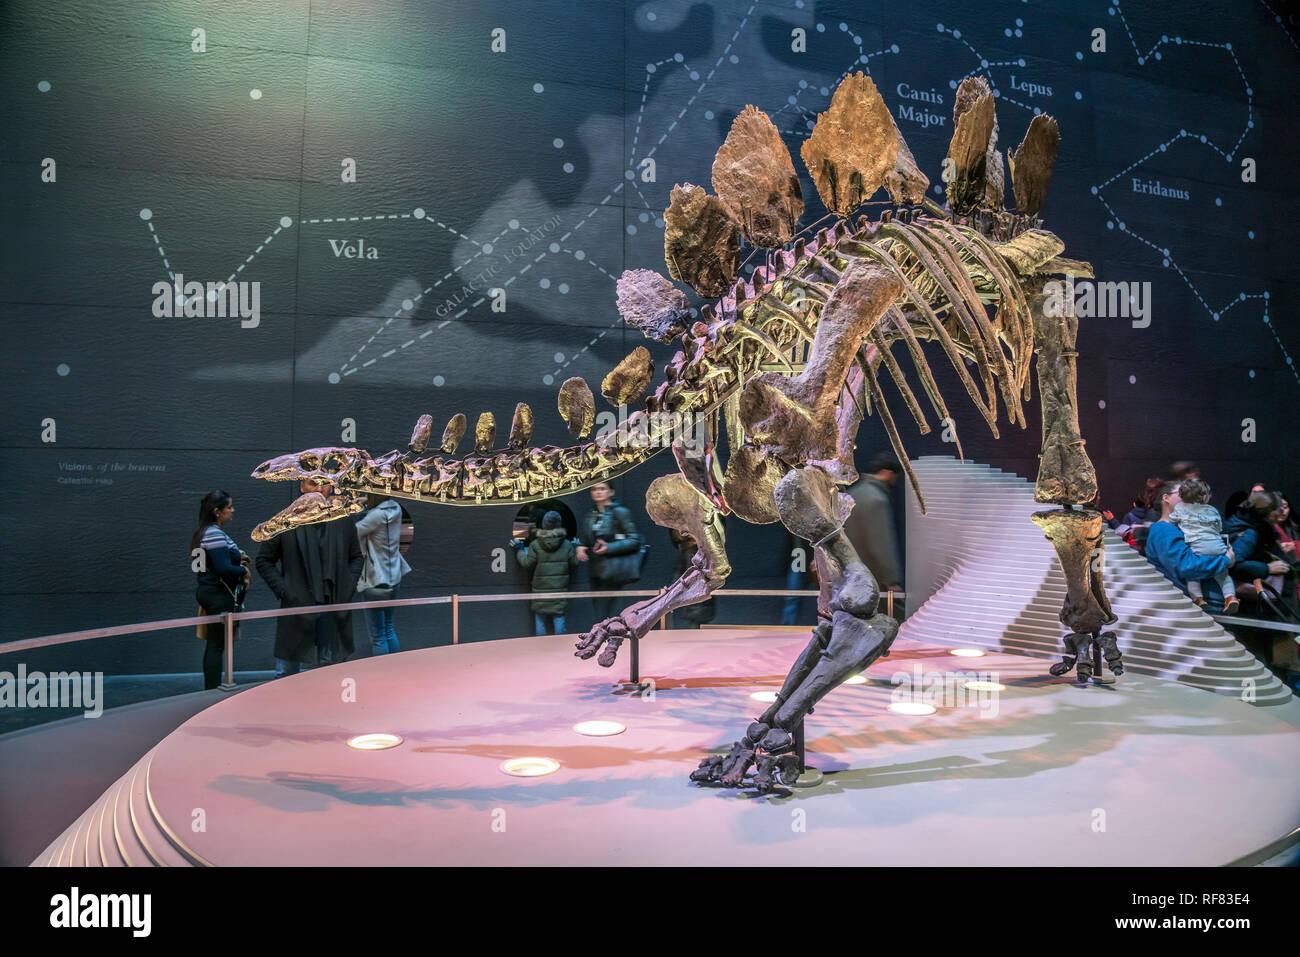 Dinosaurier Skelett,  Natural History Museum, London, Vereinigtes Königreich Großbritannien, Europa    Dinosaur skeleton, Natural History Museum, Lond - Stock Image